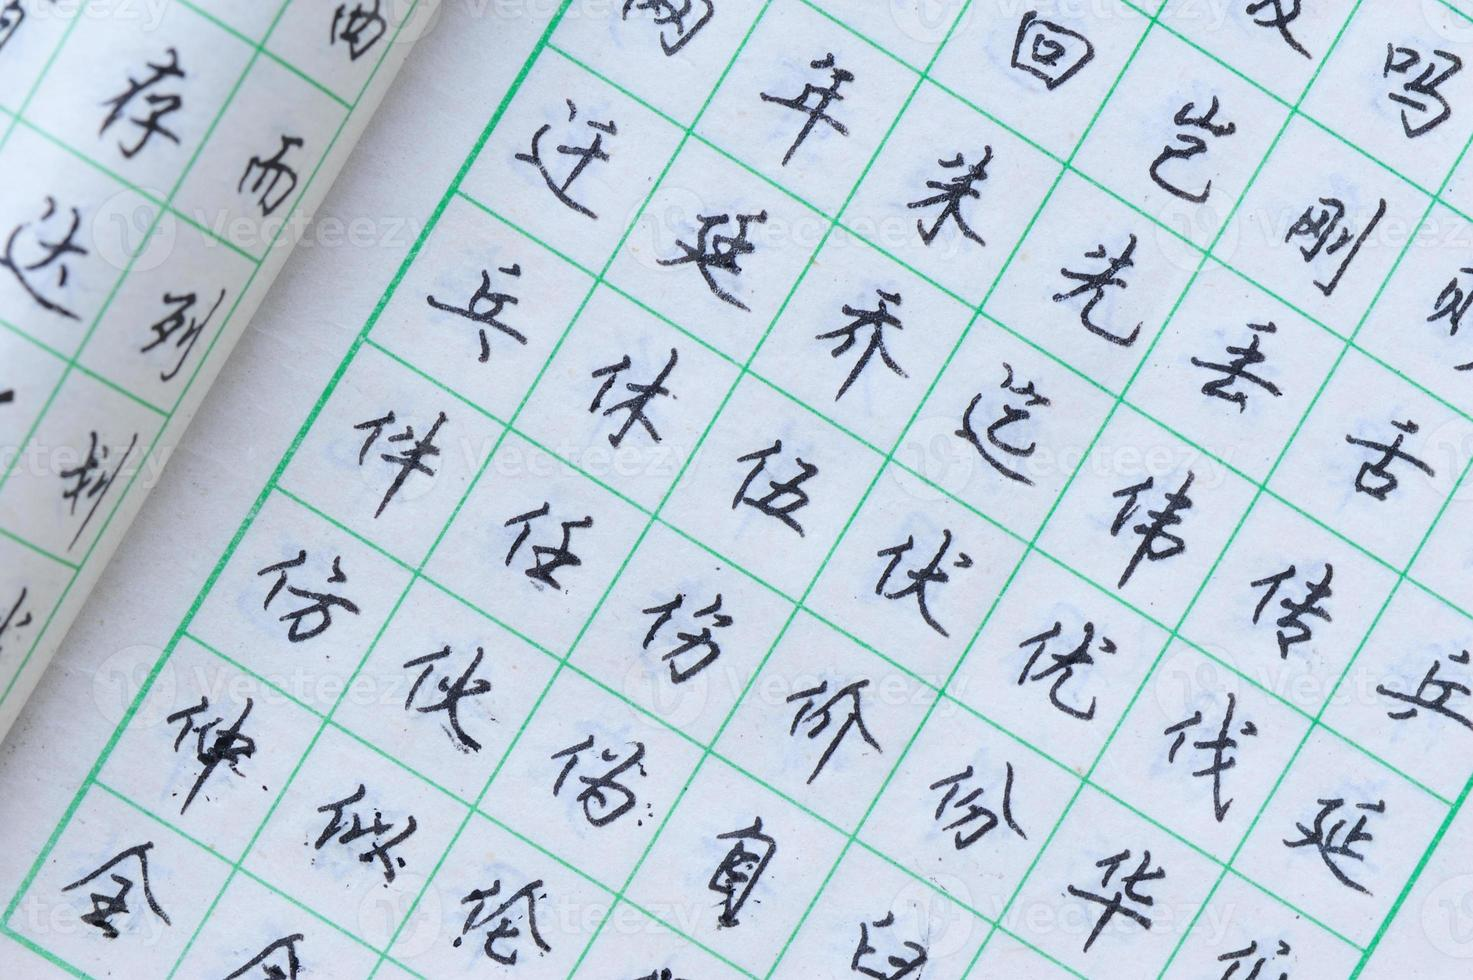 Chinese calligraphy photo